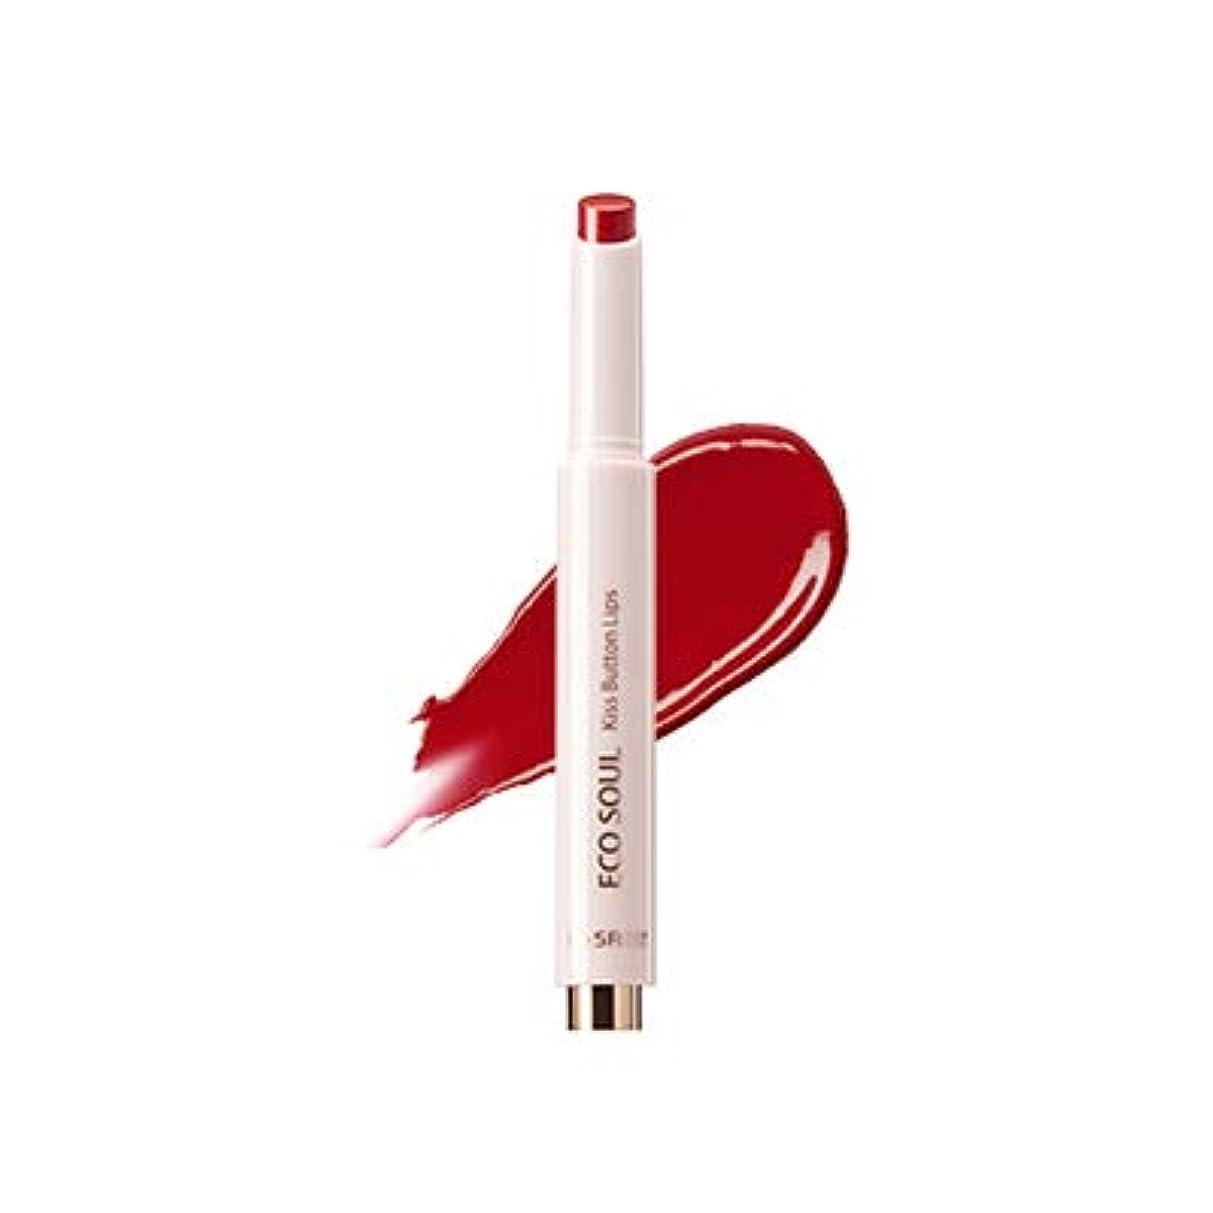 バリーガム予感the SAEM ザセム エコソウルキスボタンリップス&リップスマット Eco Soul Kiss Button Lips & Lips Matte 韓国コスメ (11-Red Siren)